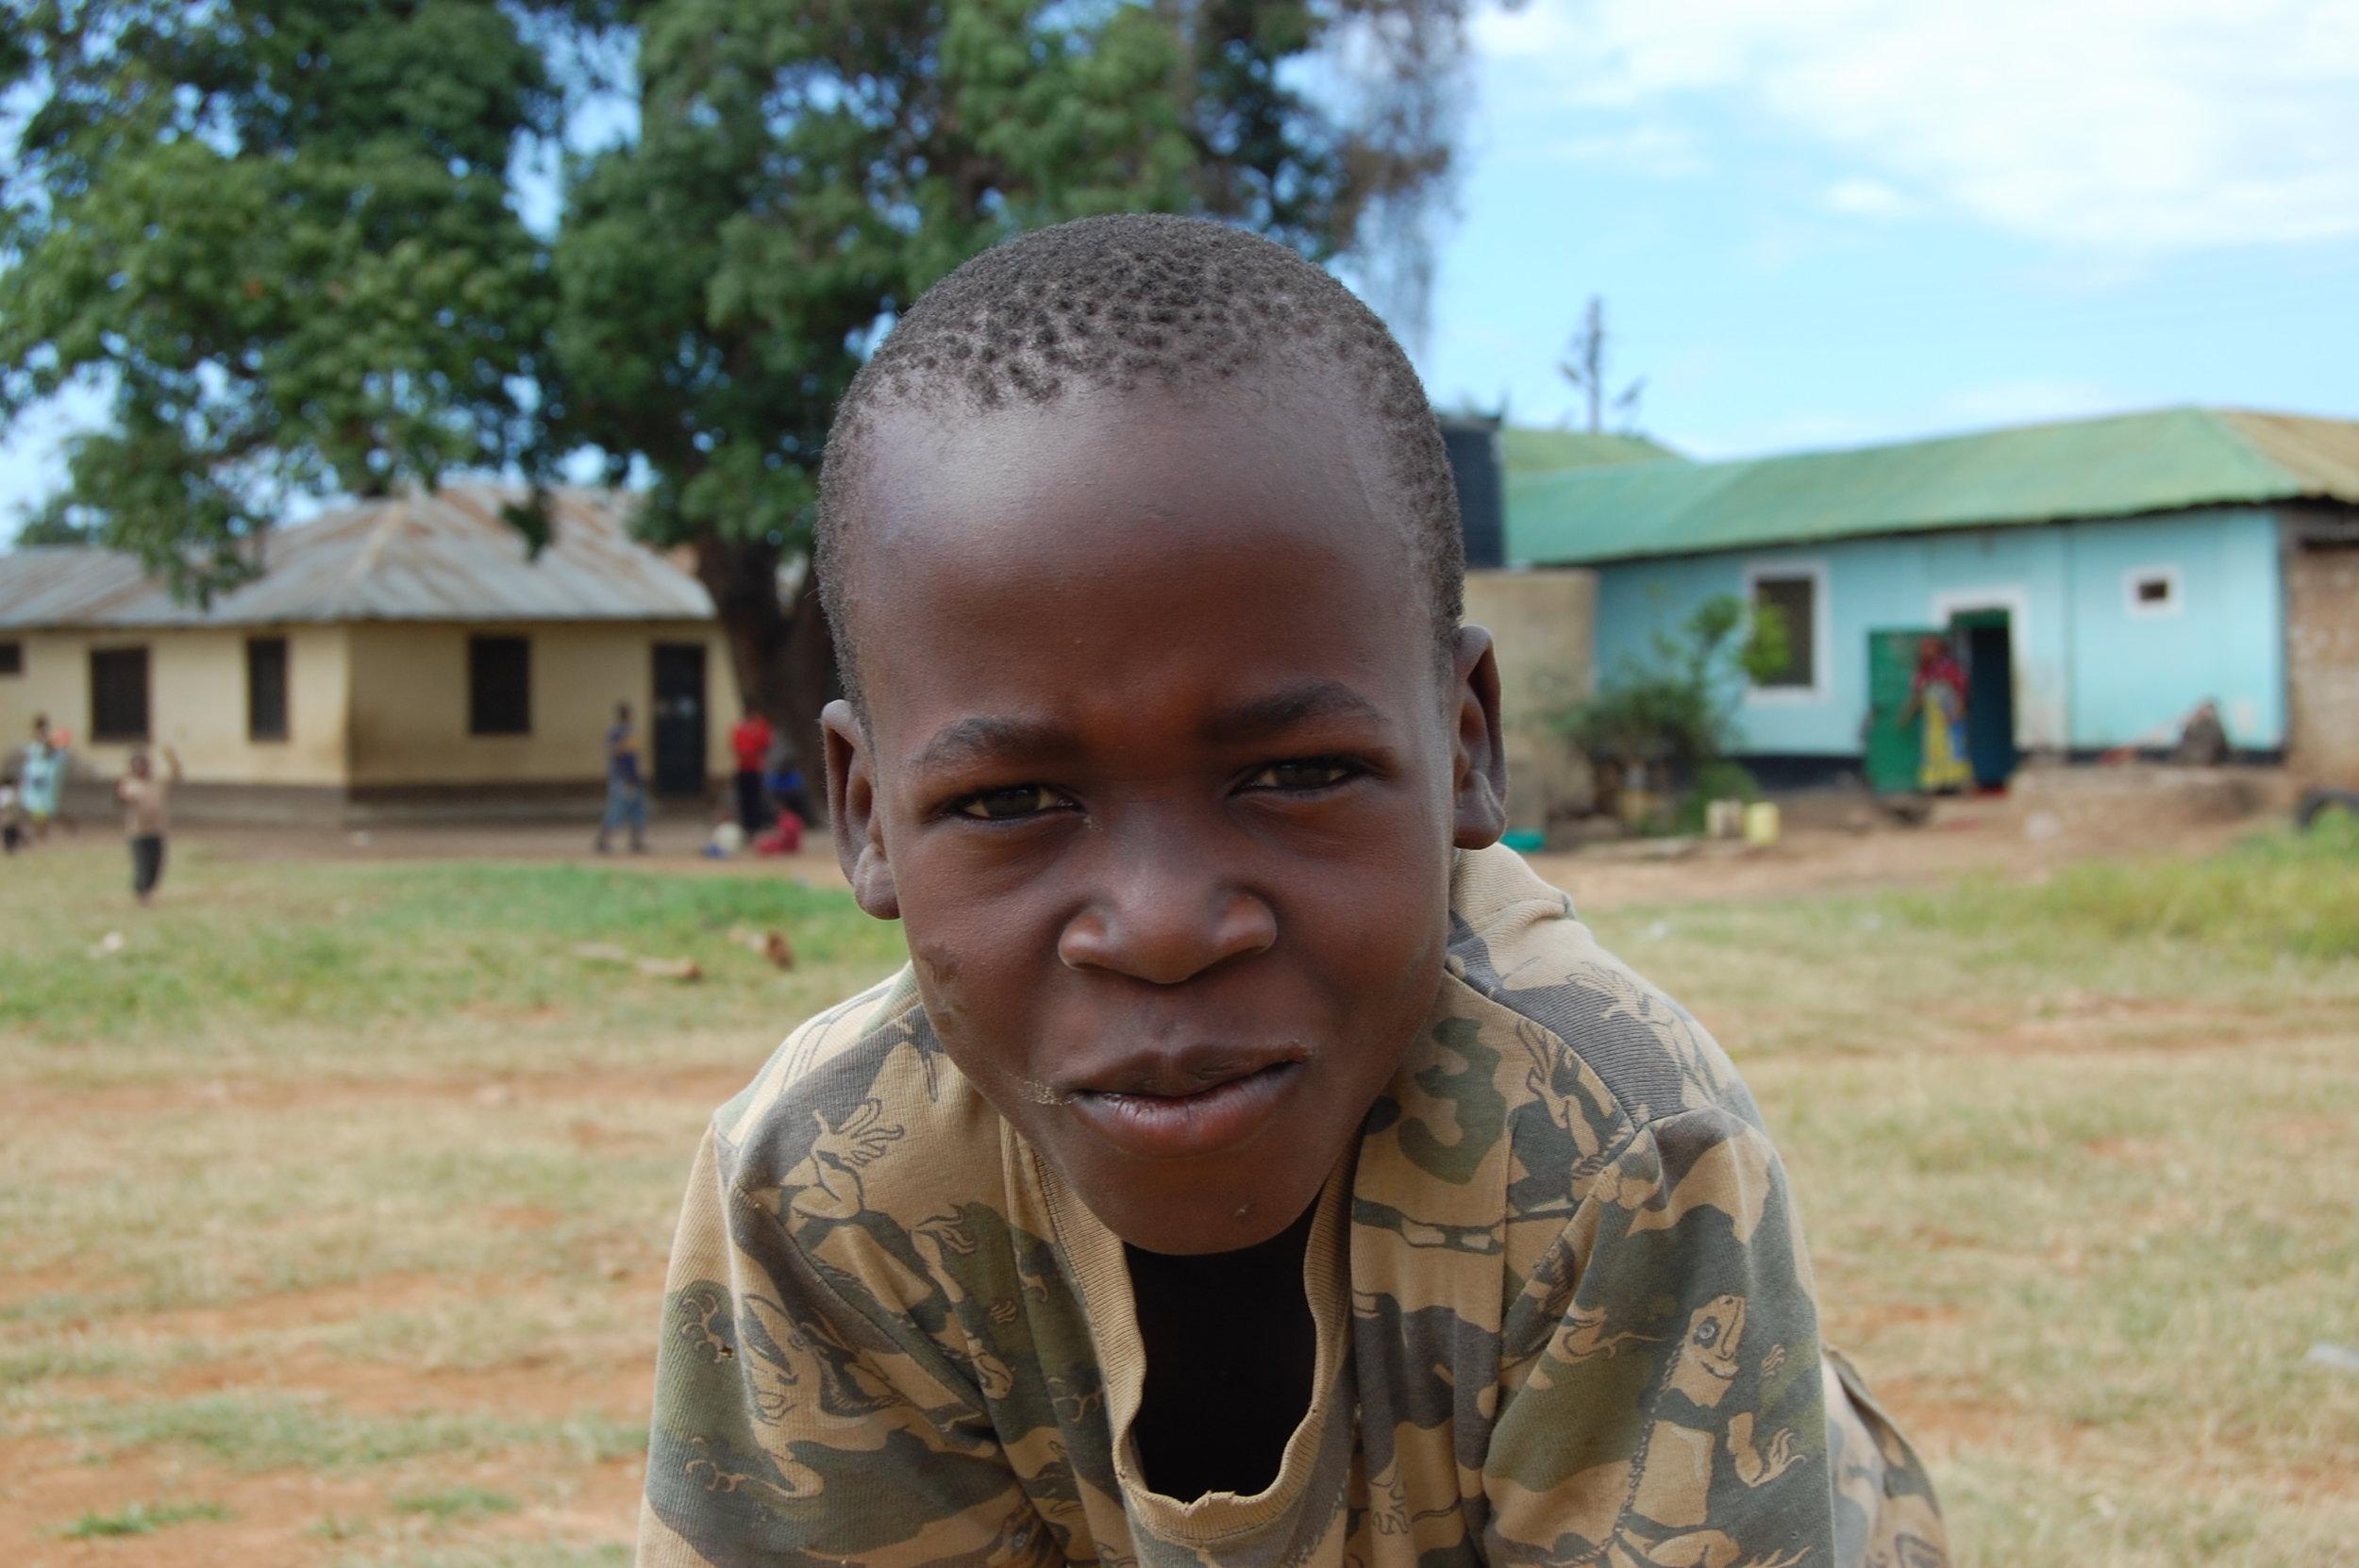 2012-kinderen-stichting-likoni-onderneemt-kenia-mombassa-school-kleinschalig-goed-doel (42).JPG